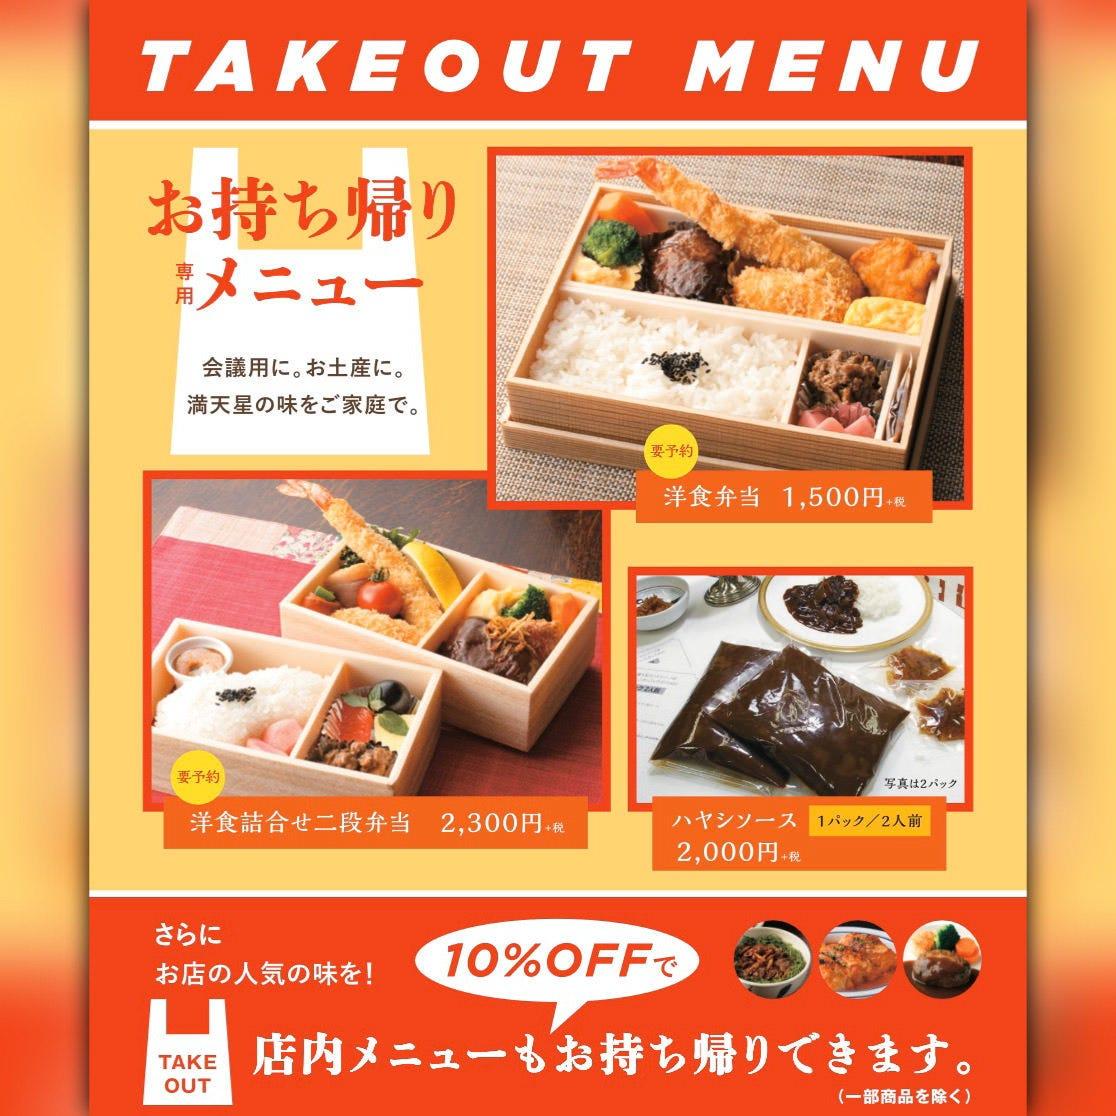 【持ち帰り】レストラン店内メニュー全品10%OFF!(一部除く)